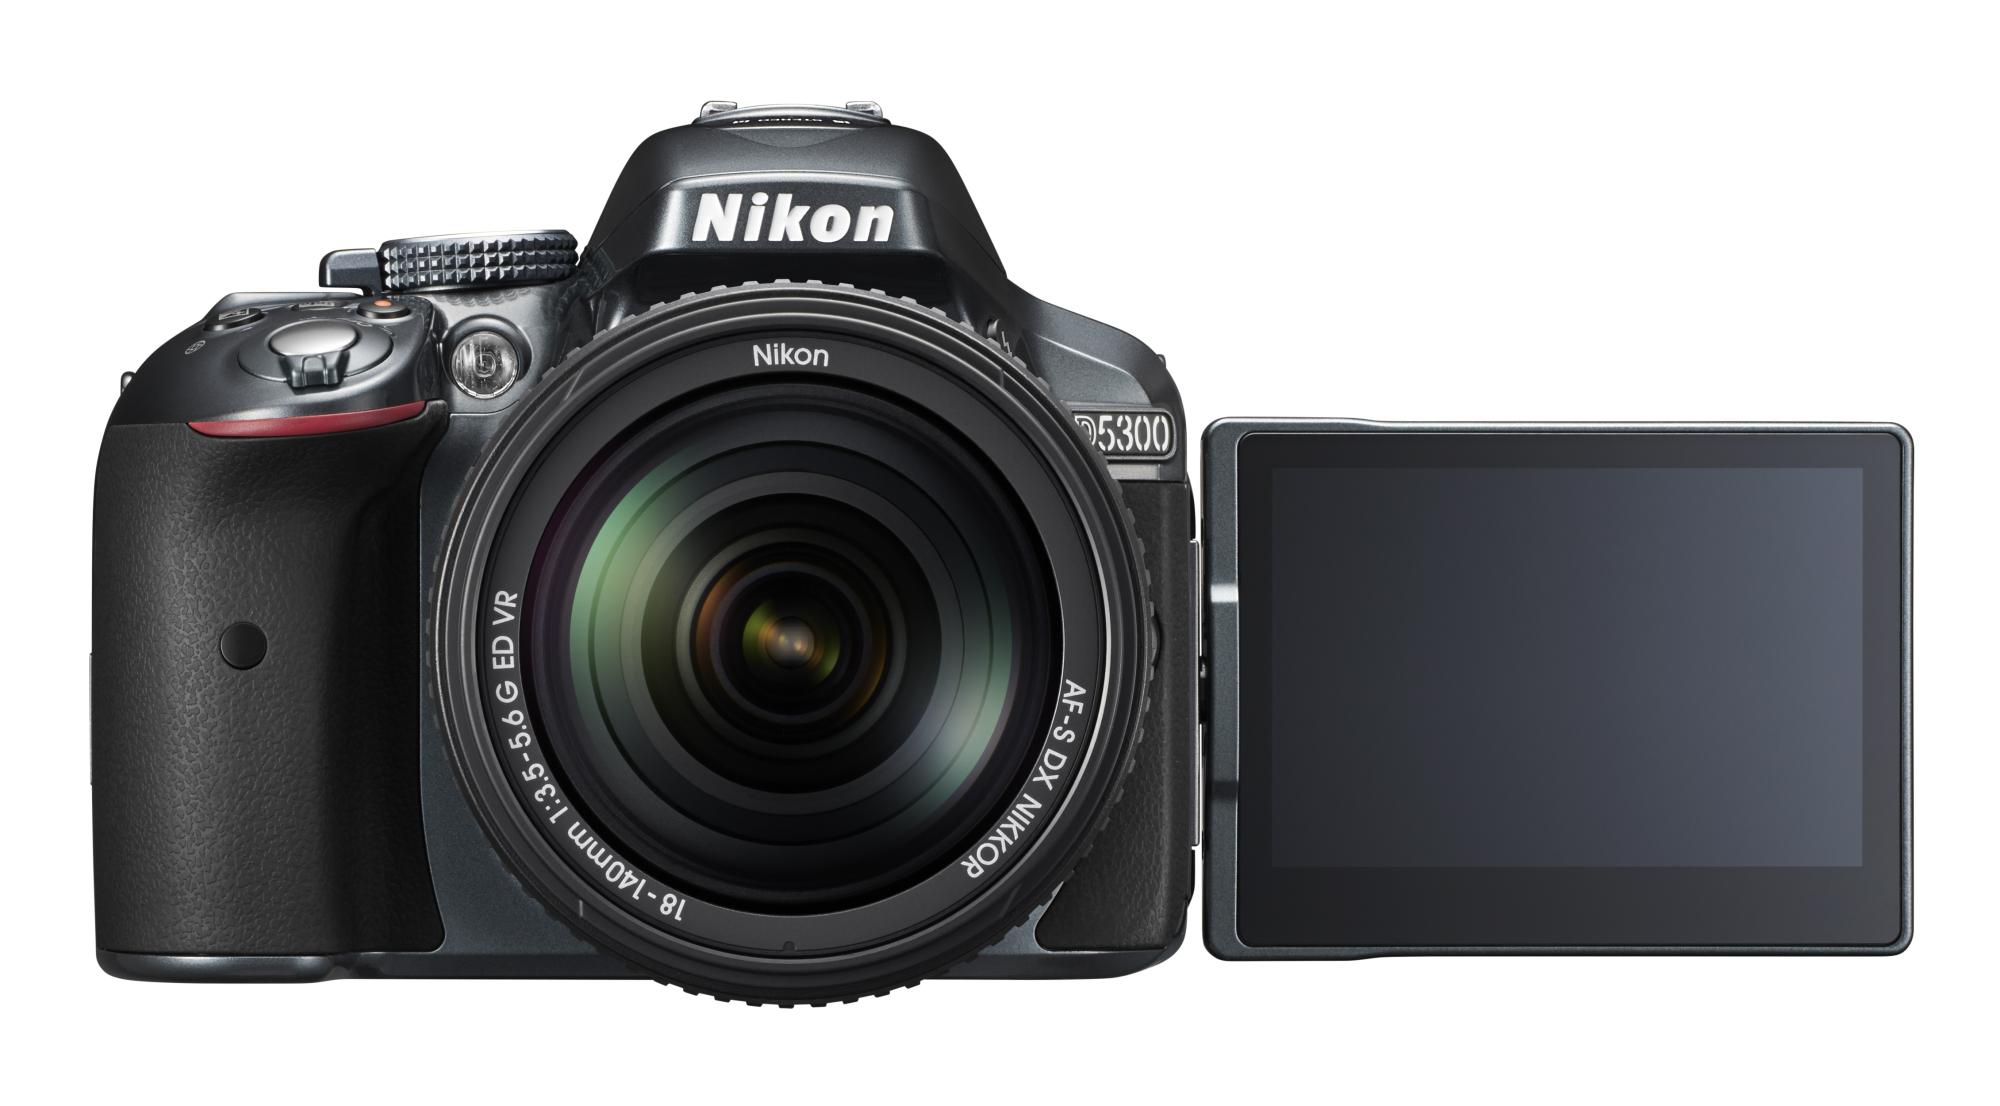 Spiegelreflexkamera Mit Wlan : d5300 nikons erste dslr mit wlan und gps c 39 t fotografie ~ Heinz-duthel.com Haus und Dekorationen